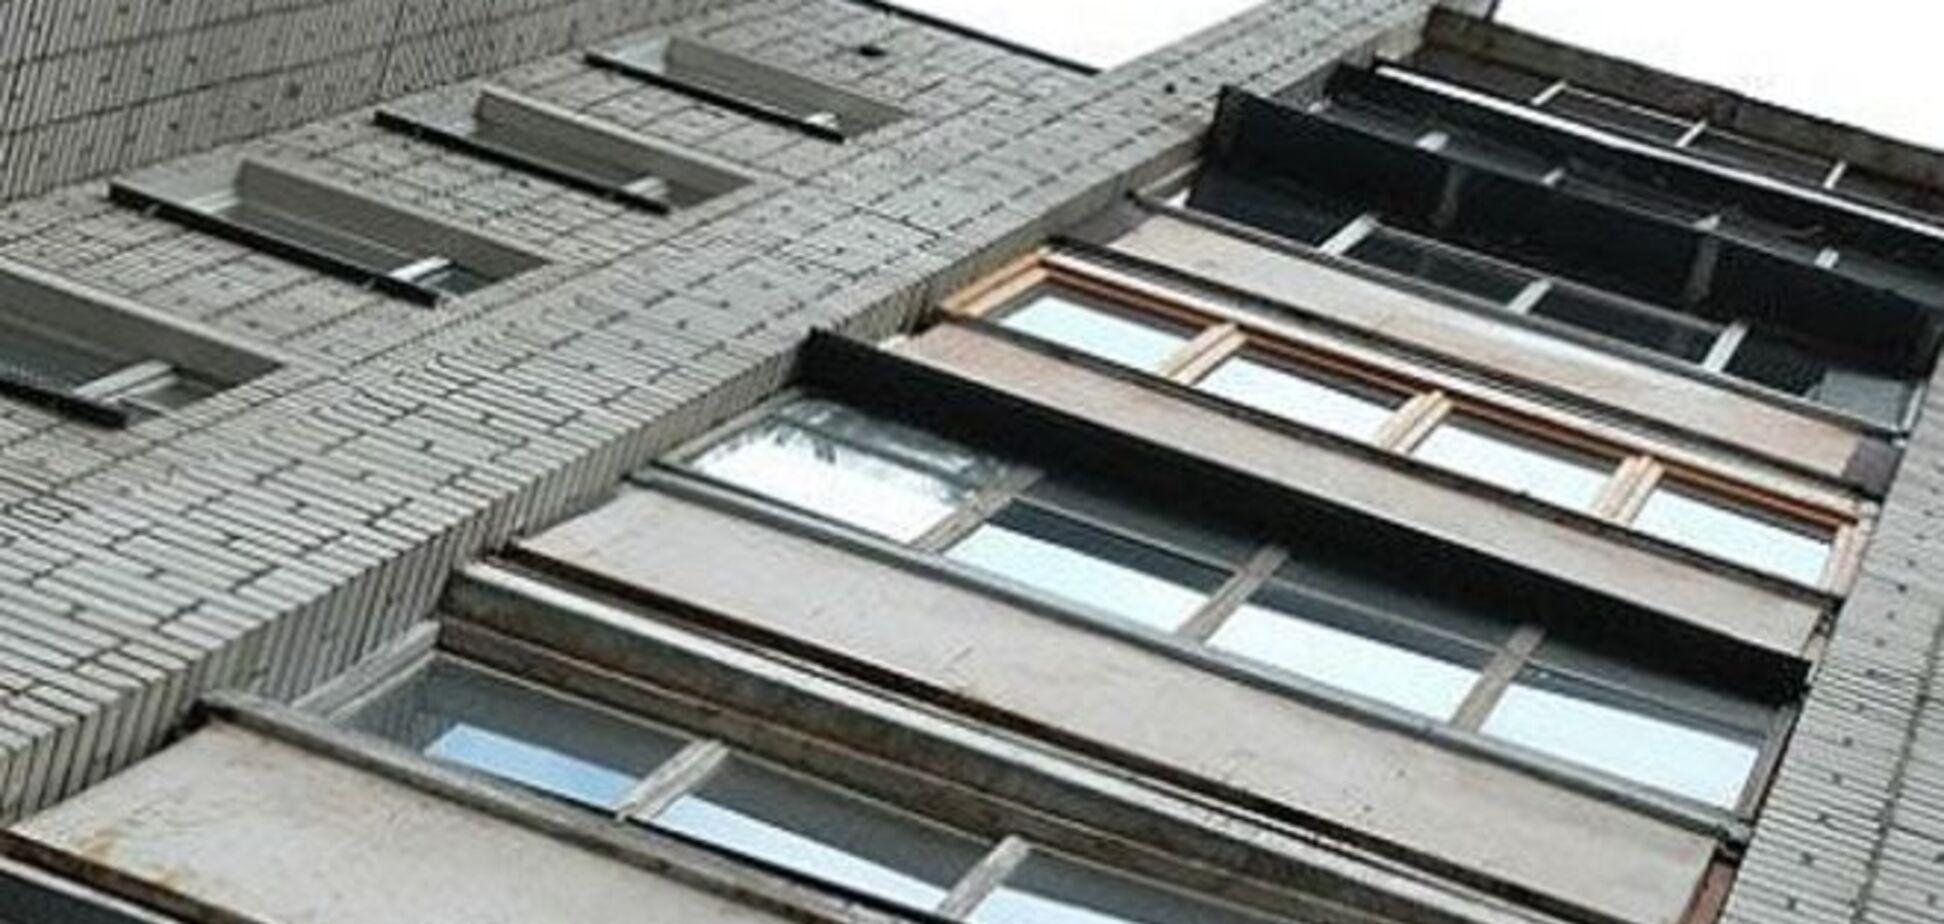 В Киеве мужчина выпрыгнул из окна 8 этажа